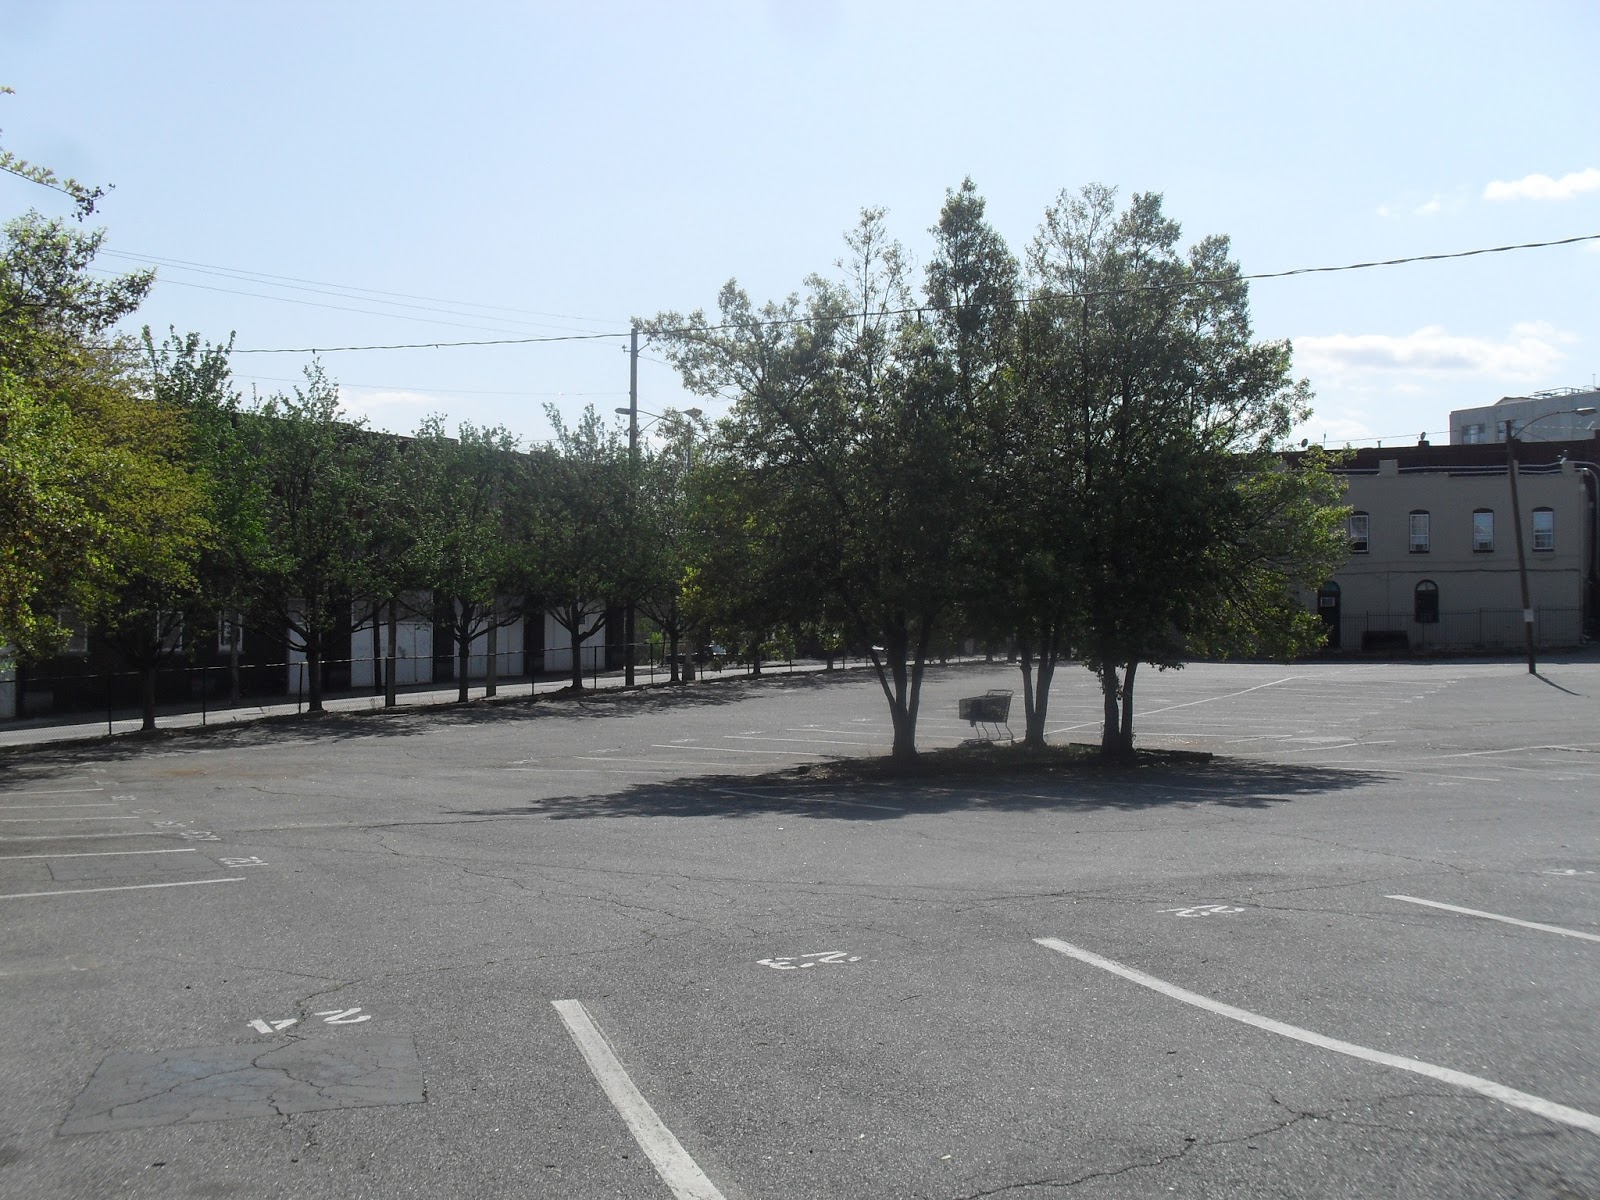 Parking Near Hard Rock Cafe